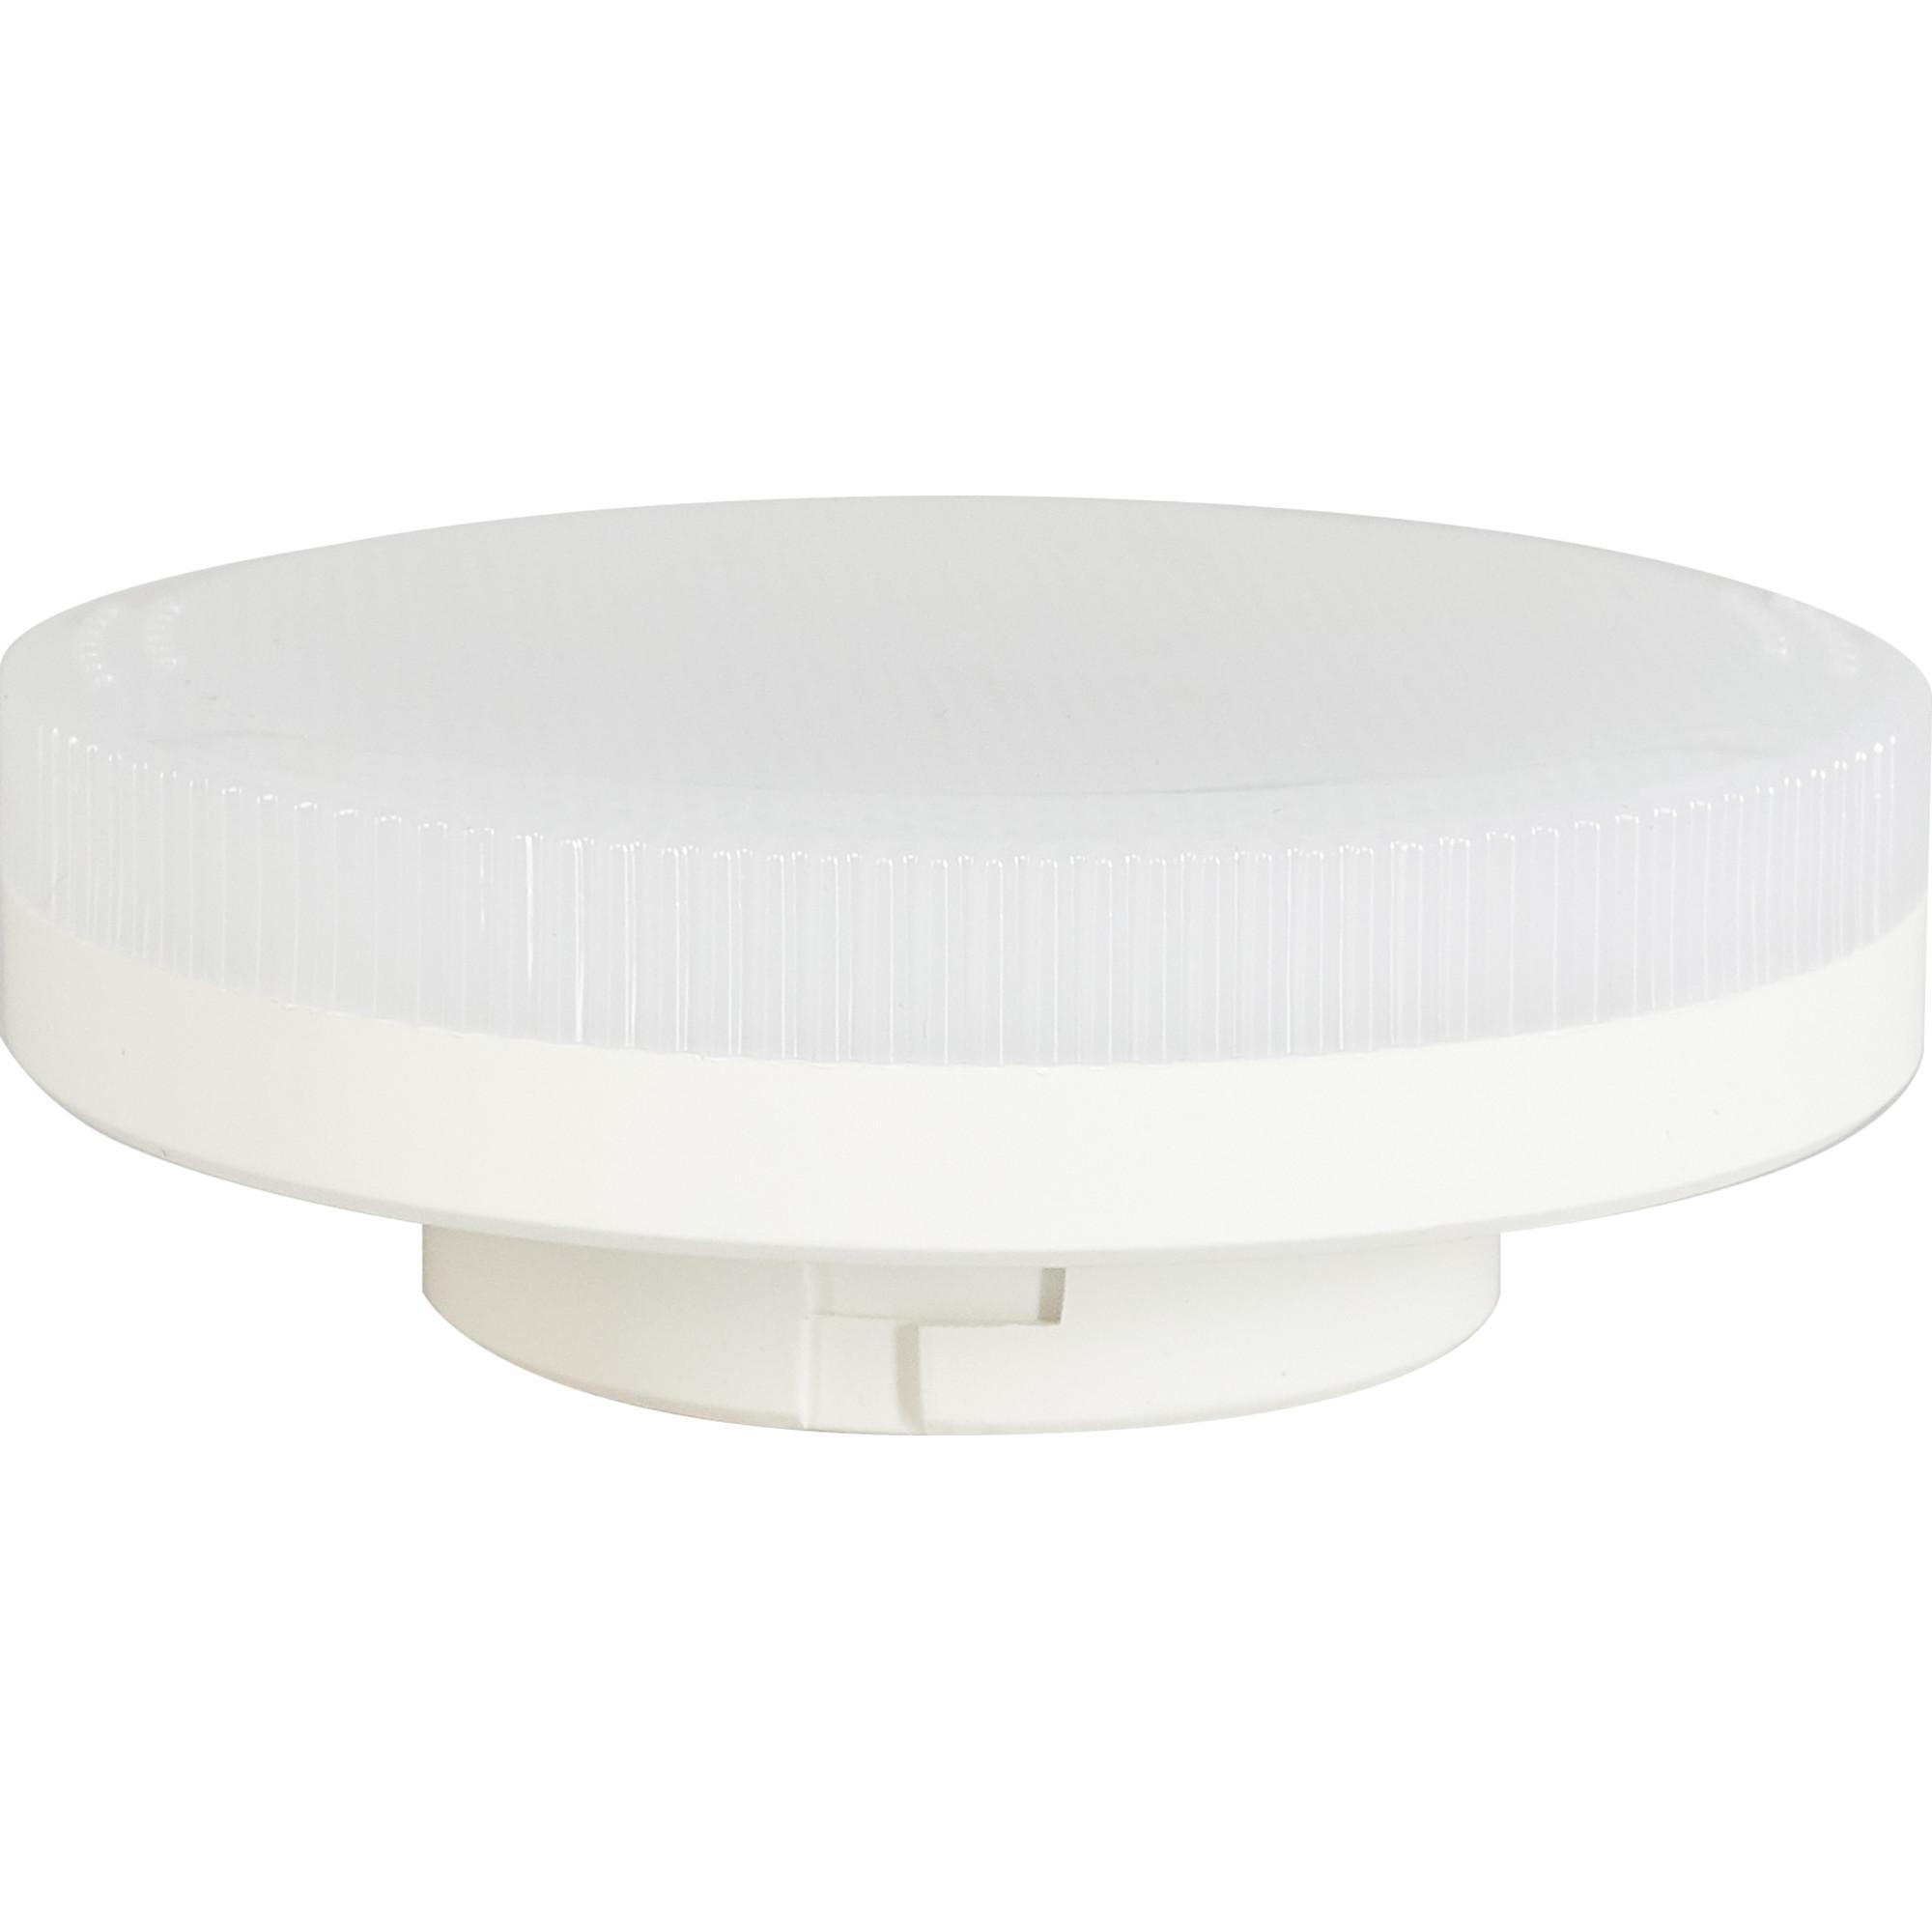 Лампа светодиодная Gauss Basic GX53 230 В 8.5 Вт диск 530 лм свет белый